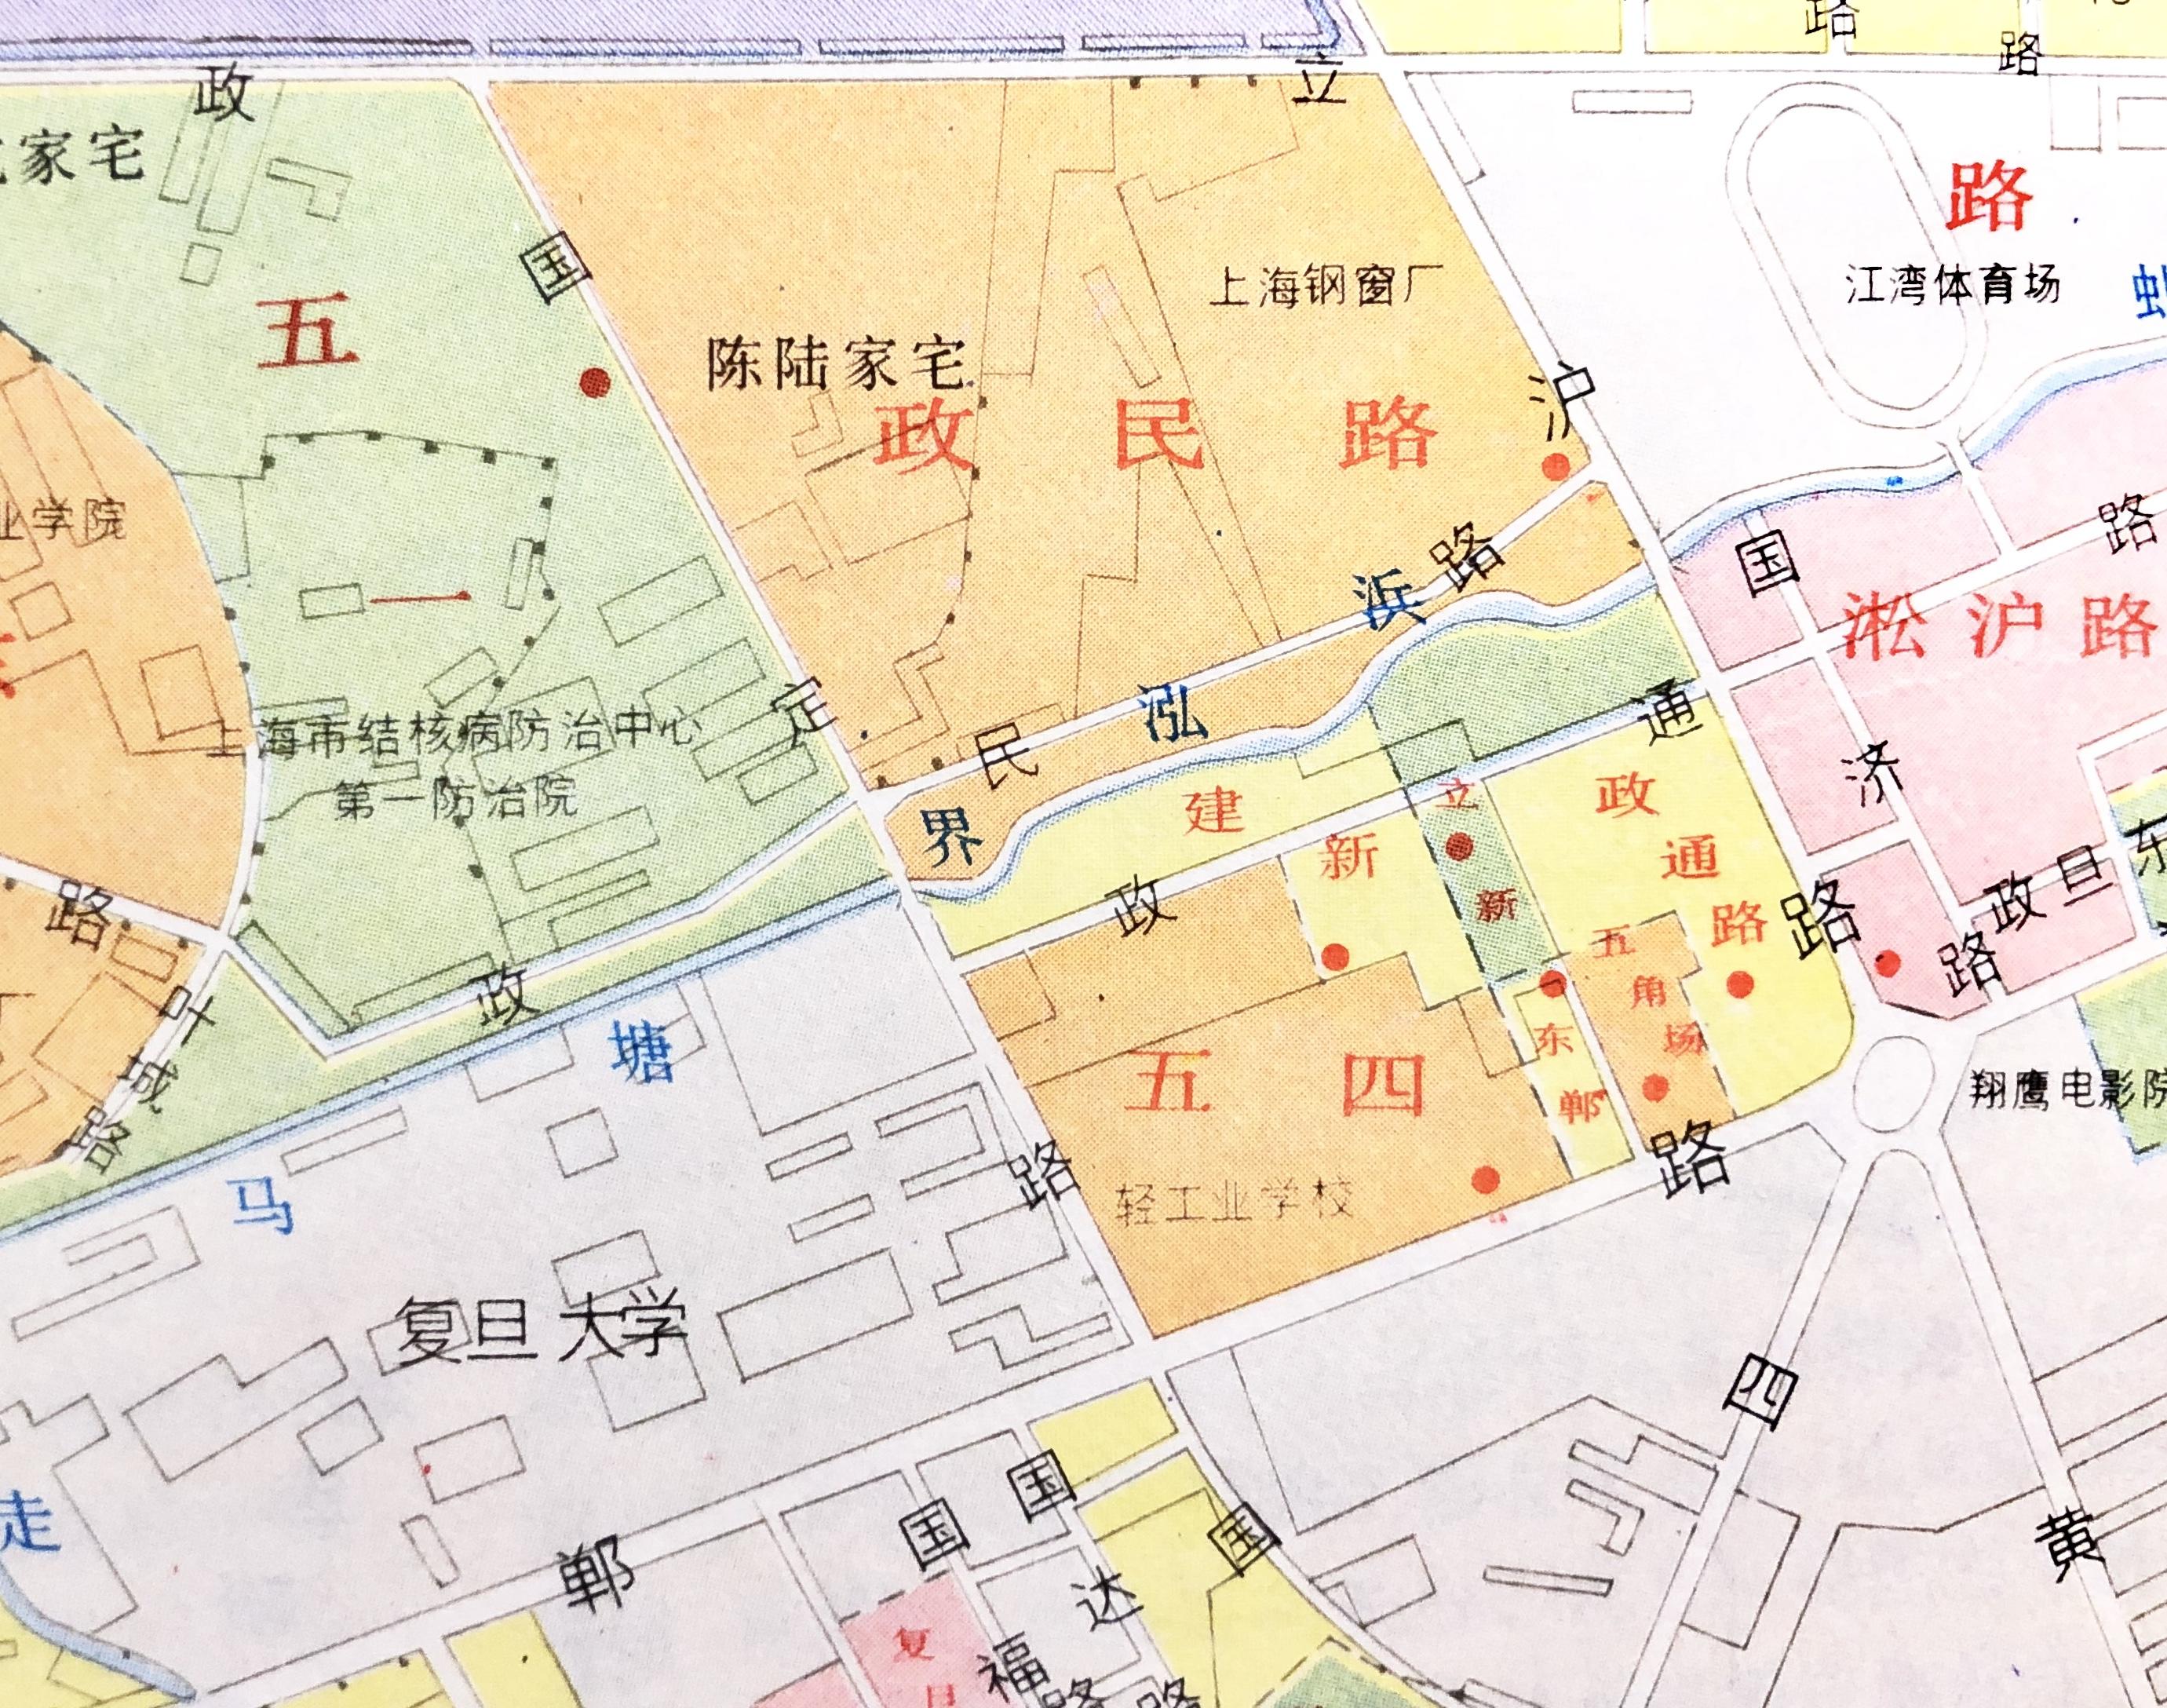 五角场街道五四居民委员会(地图来自杨浦区地名志)